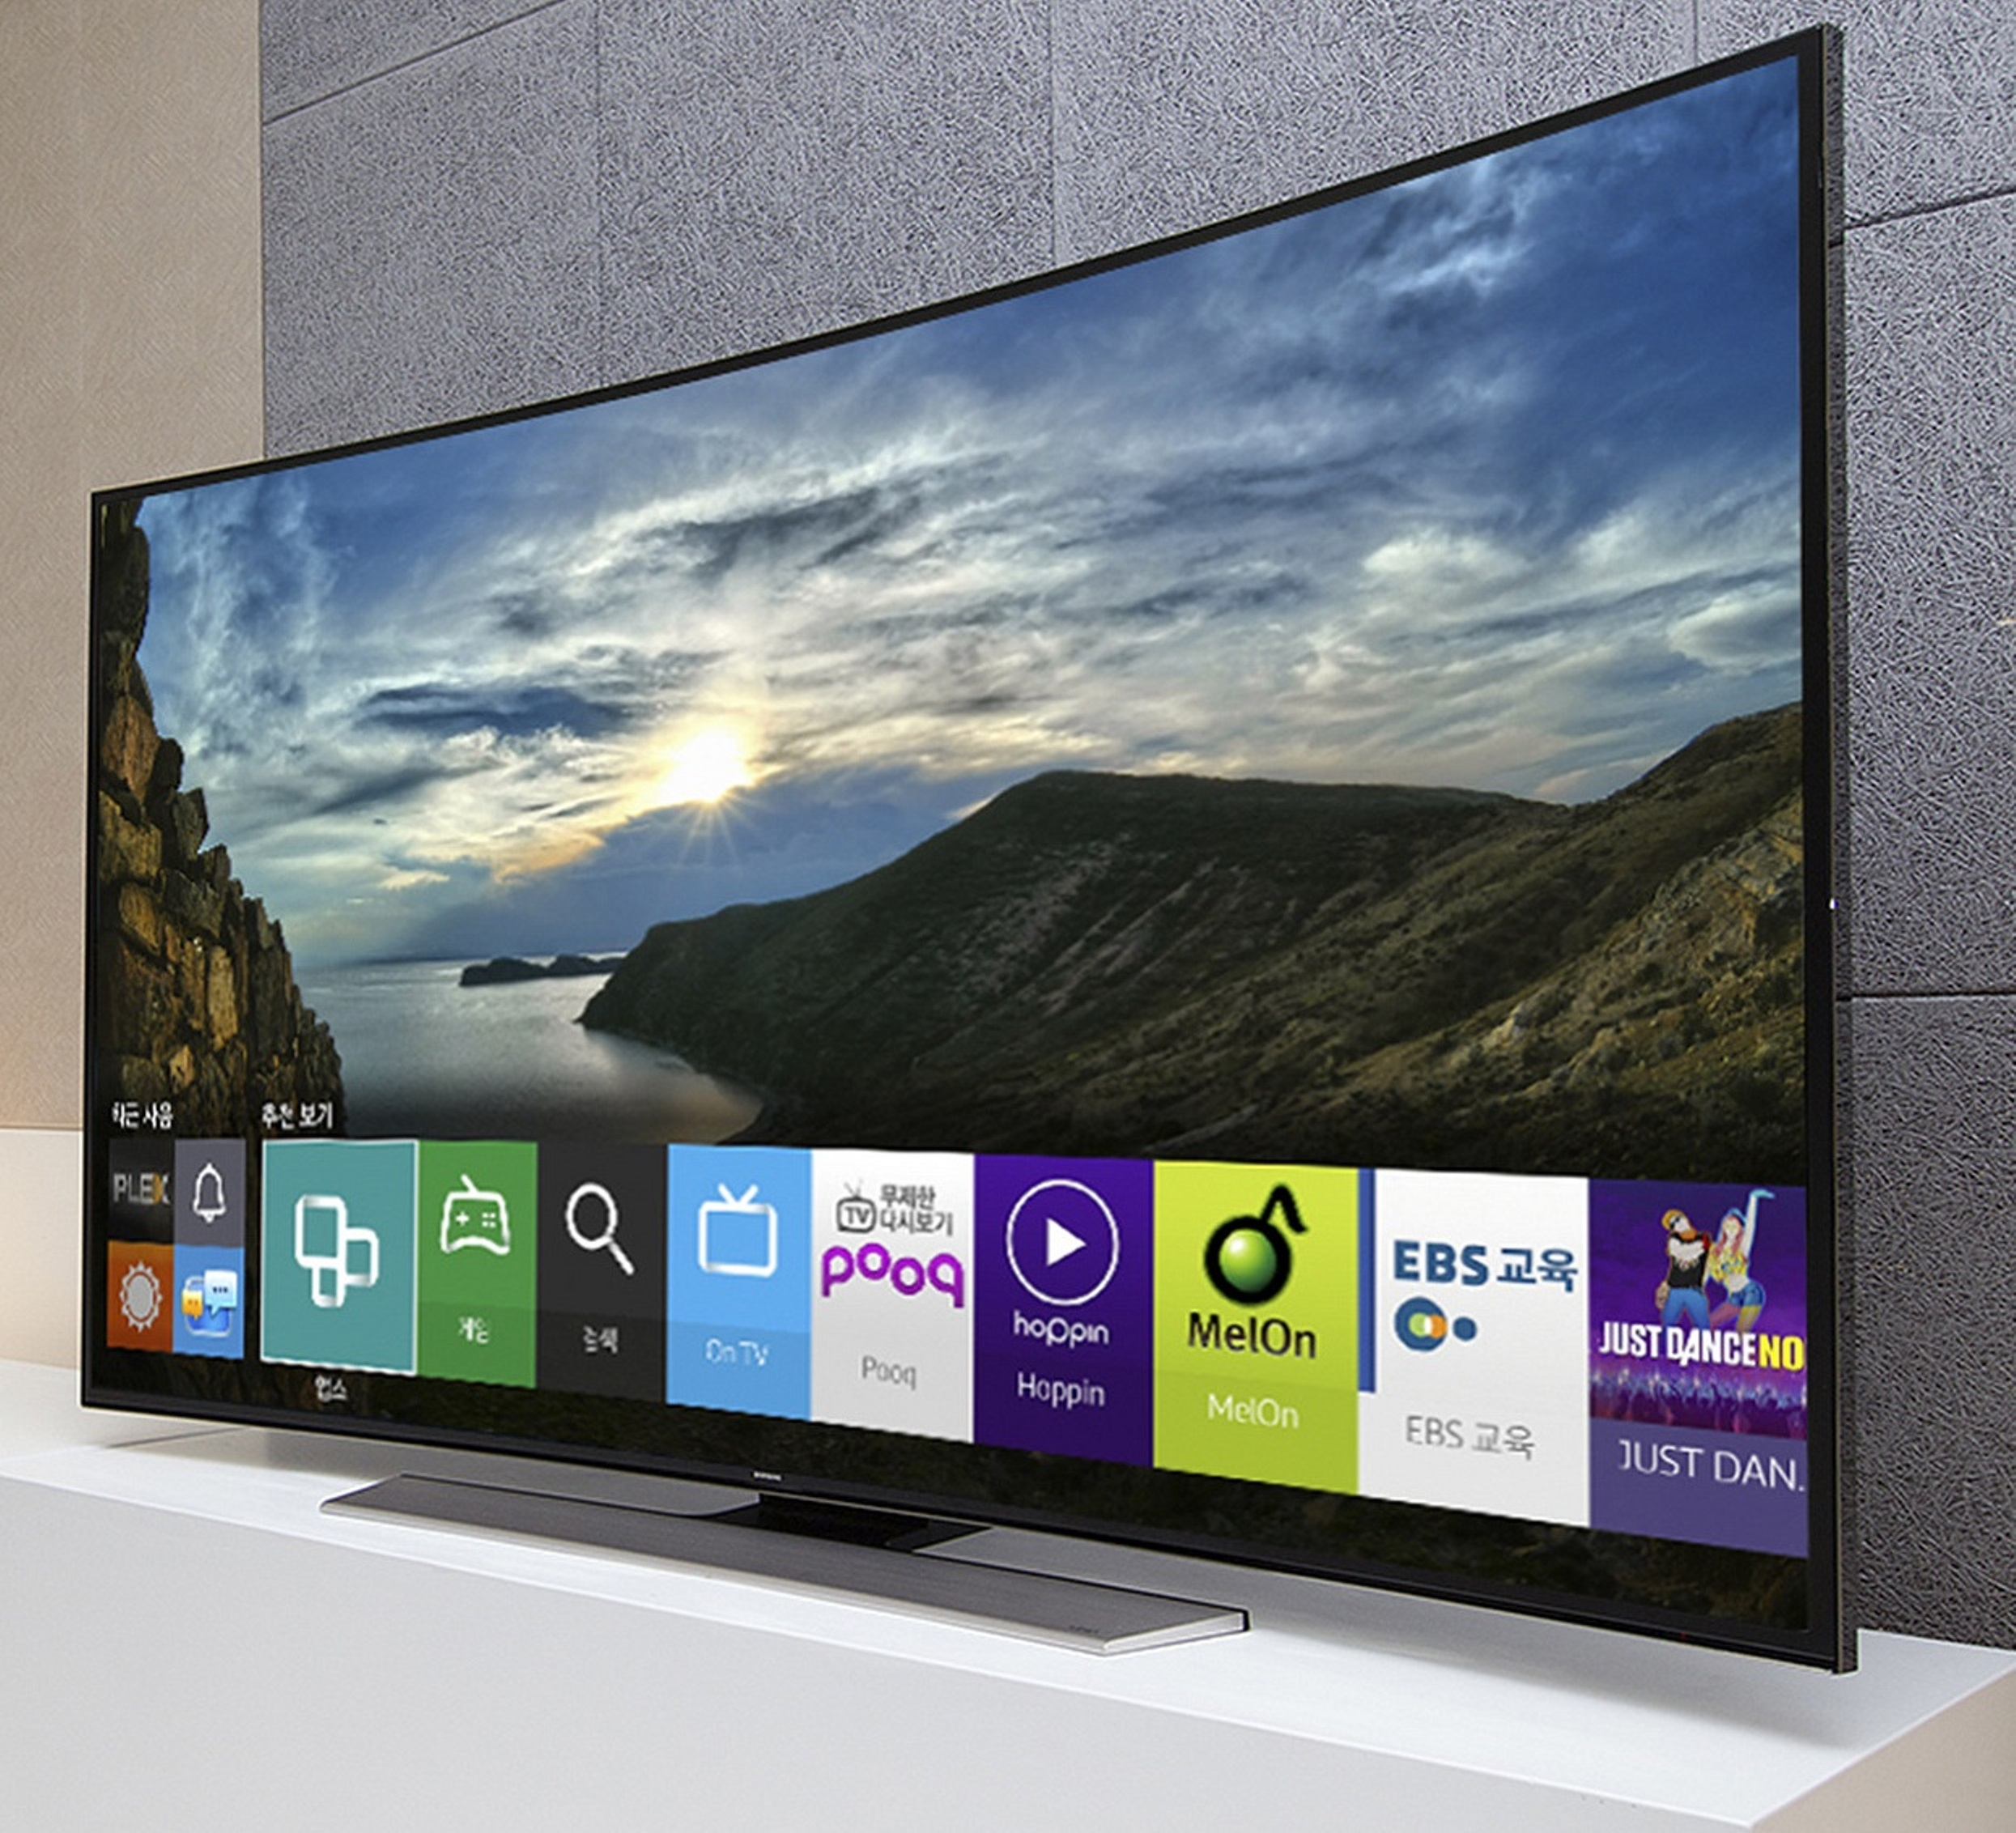 223119df4a7e5 Samsung redefine la experiencia de ver televisión con su nuevo Smart TV con  Tizen